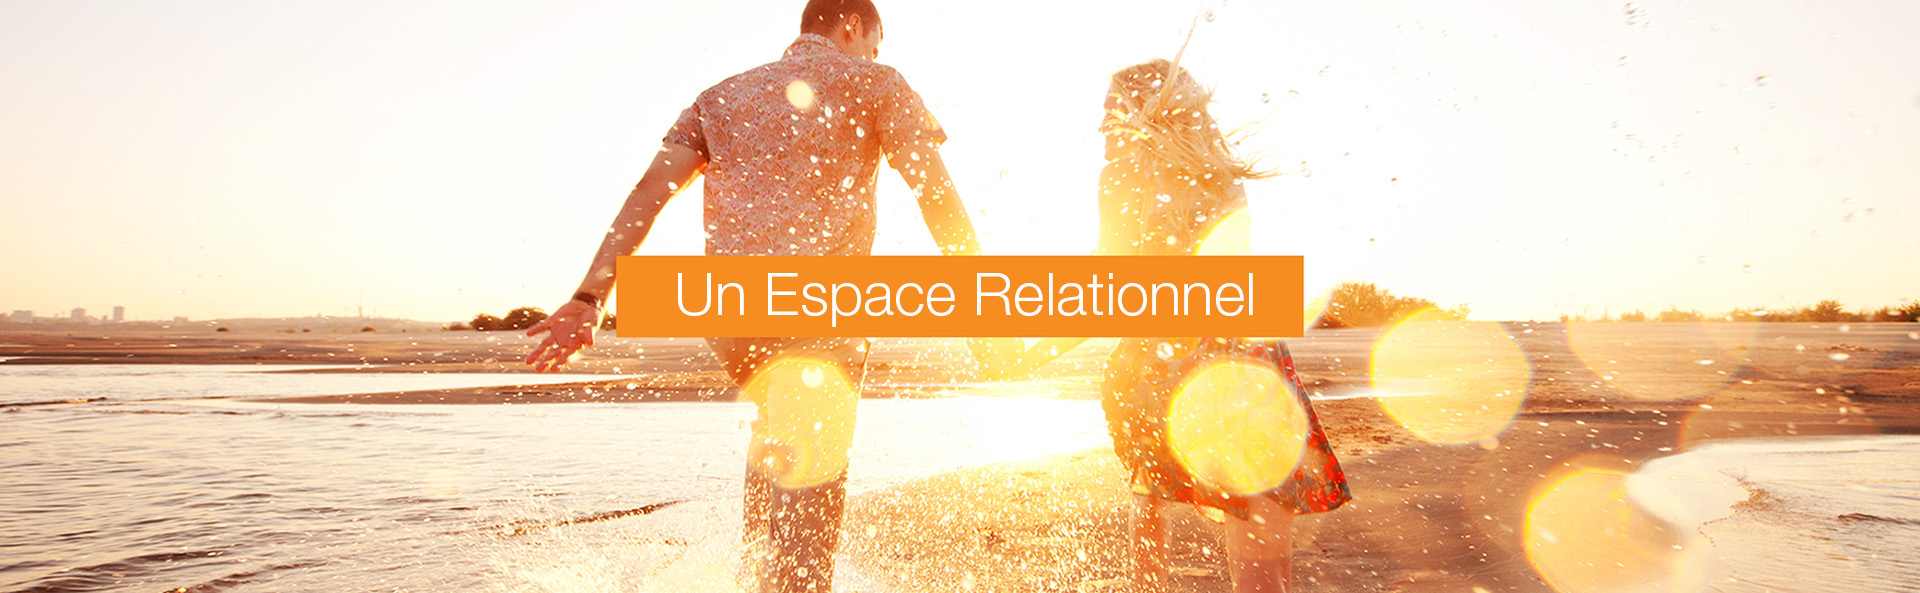 Un Espace Relationnel